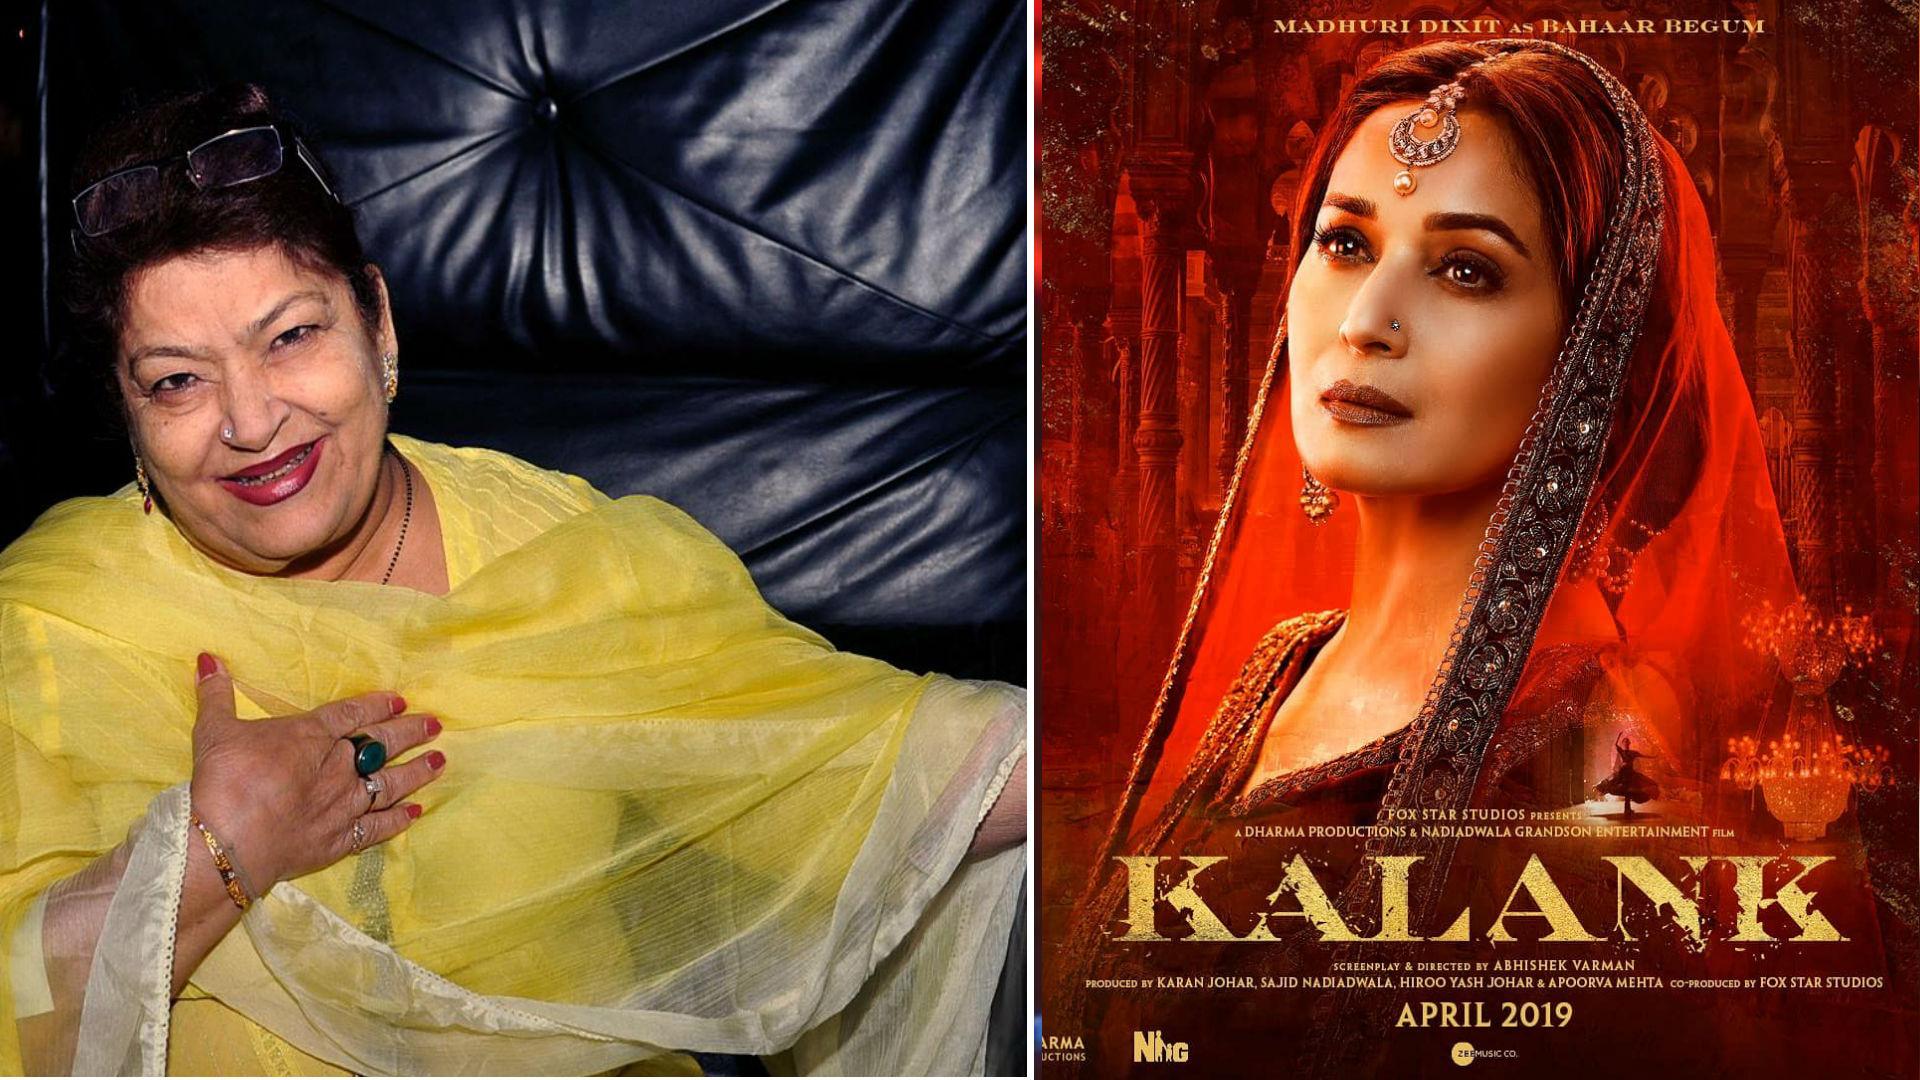 एक्सक्लूसिव: कोरियोग्राफर सरोज खान को बॉलीवुड में नहीं मिल रहा काम? एक्ट्रेस माधुरी दीक्षित ने दिया ये जवाब